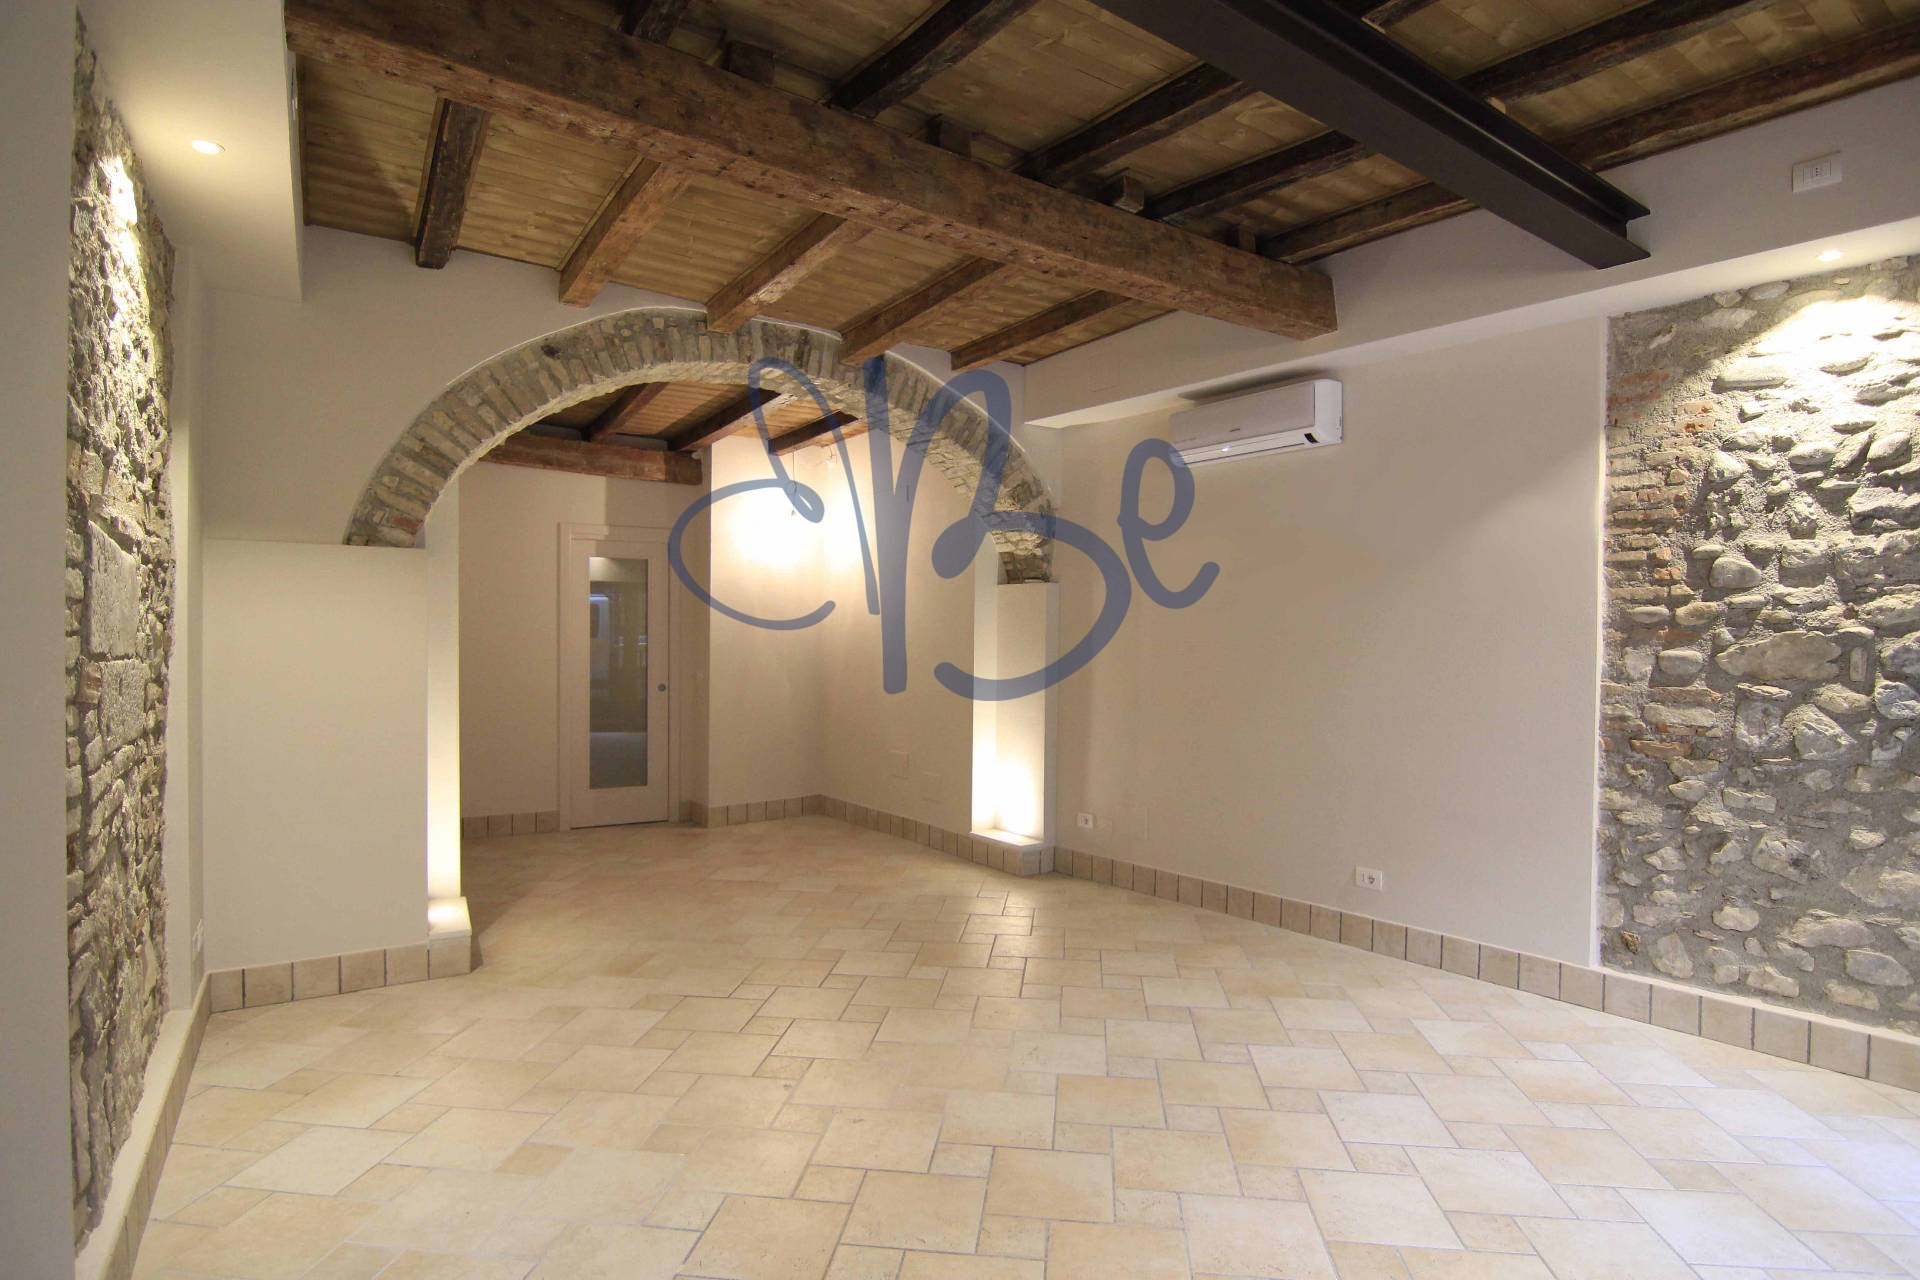 Negozio / Locale in affitto a Salò, 9999 locali, zona Località: Salò-Centro, prezzo € 600 | Cambio Casa.it